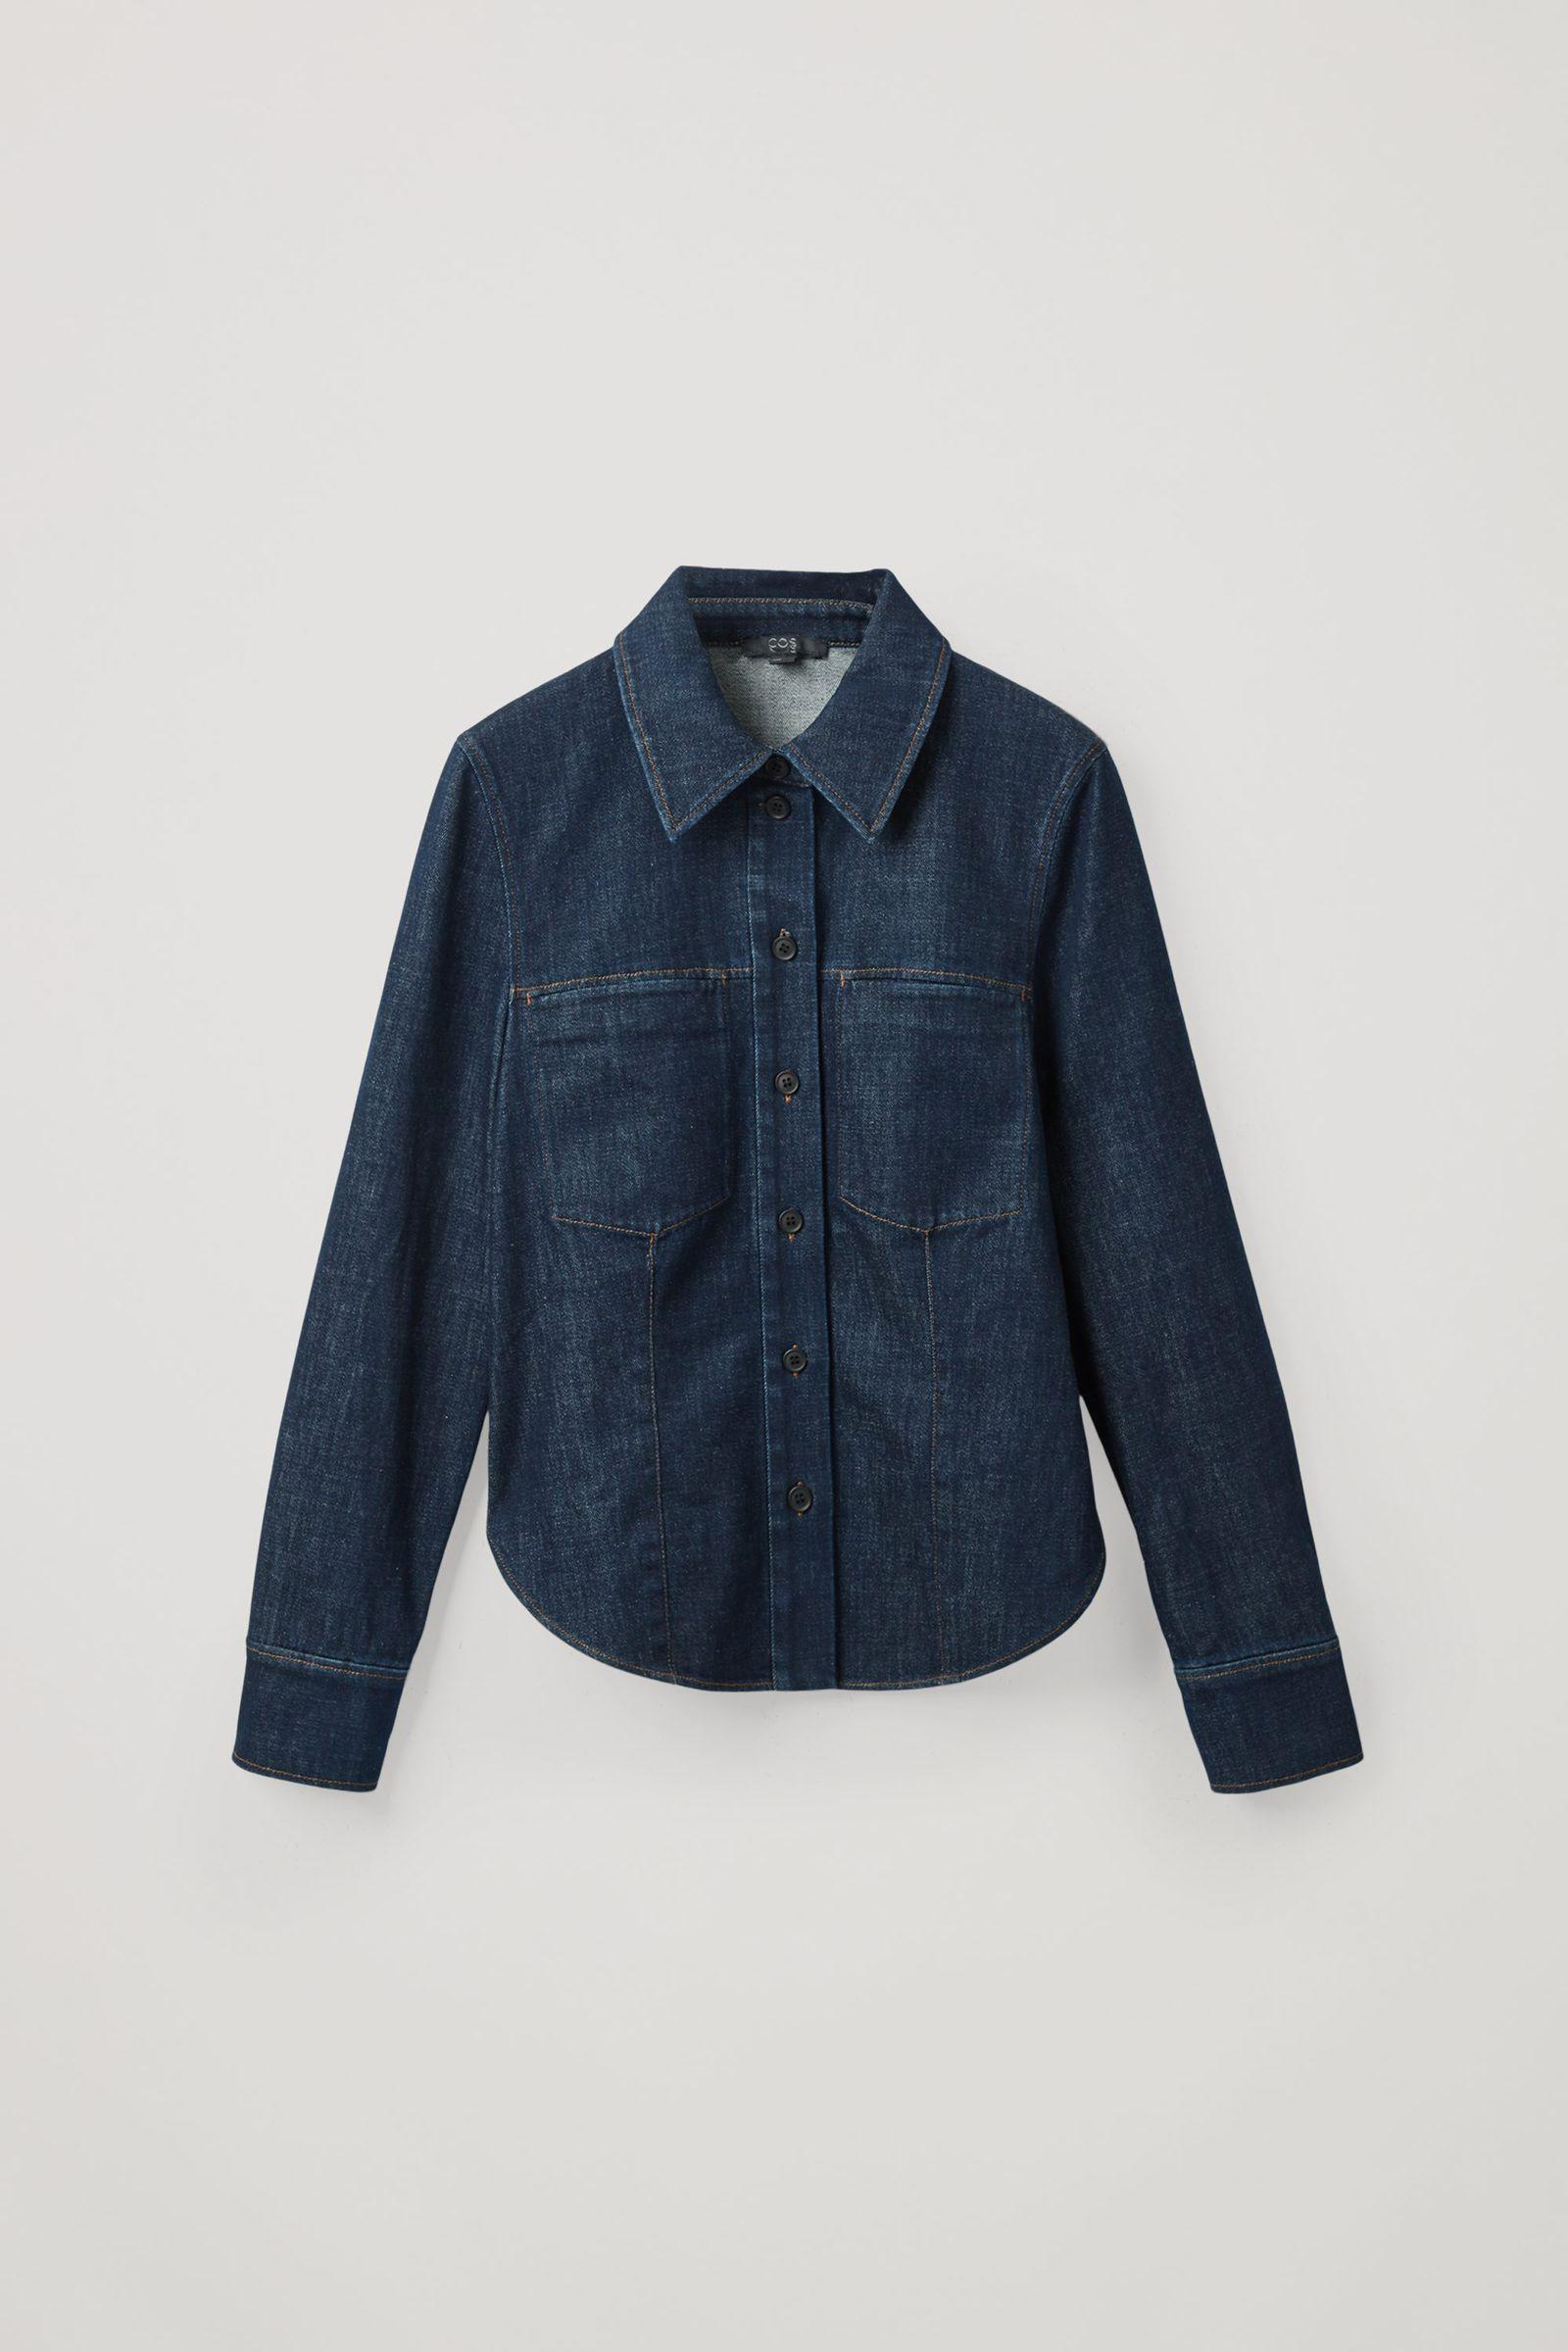 COS 로 데님 오버셔츠의 다크 블루컬러 Product입니다.